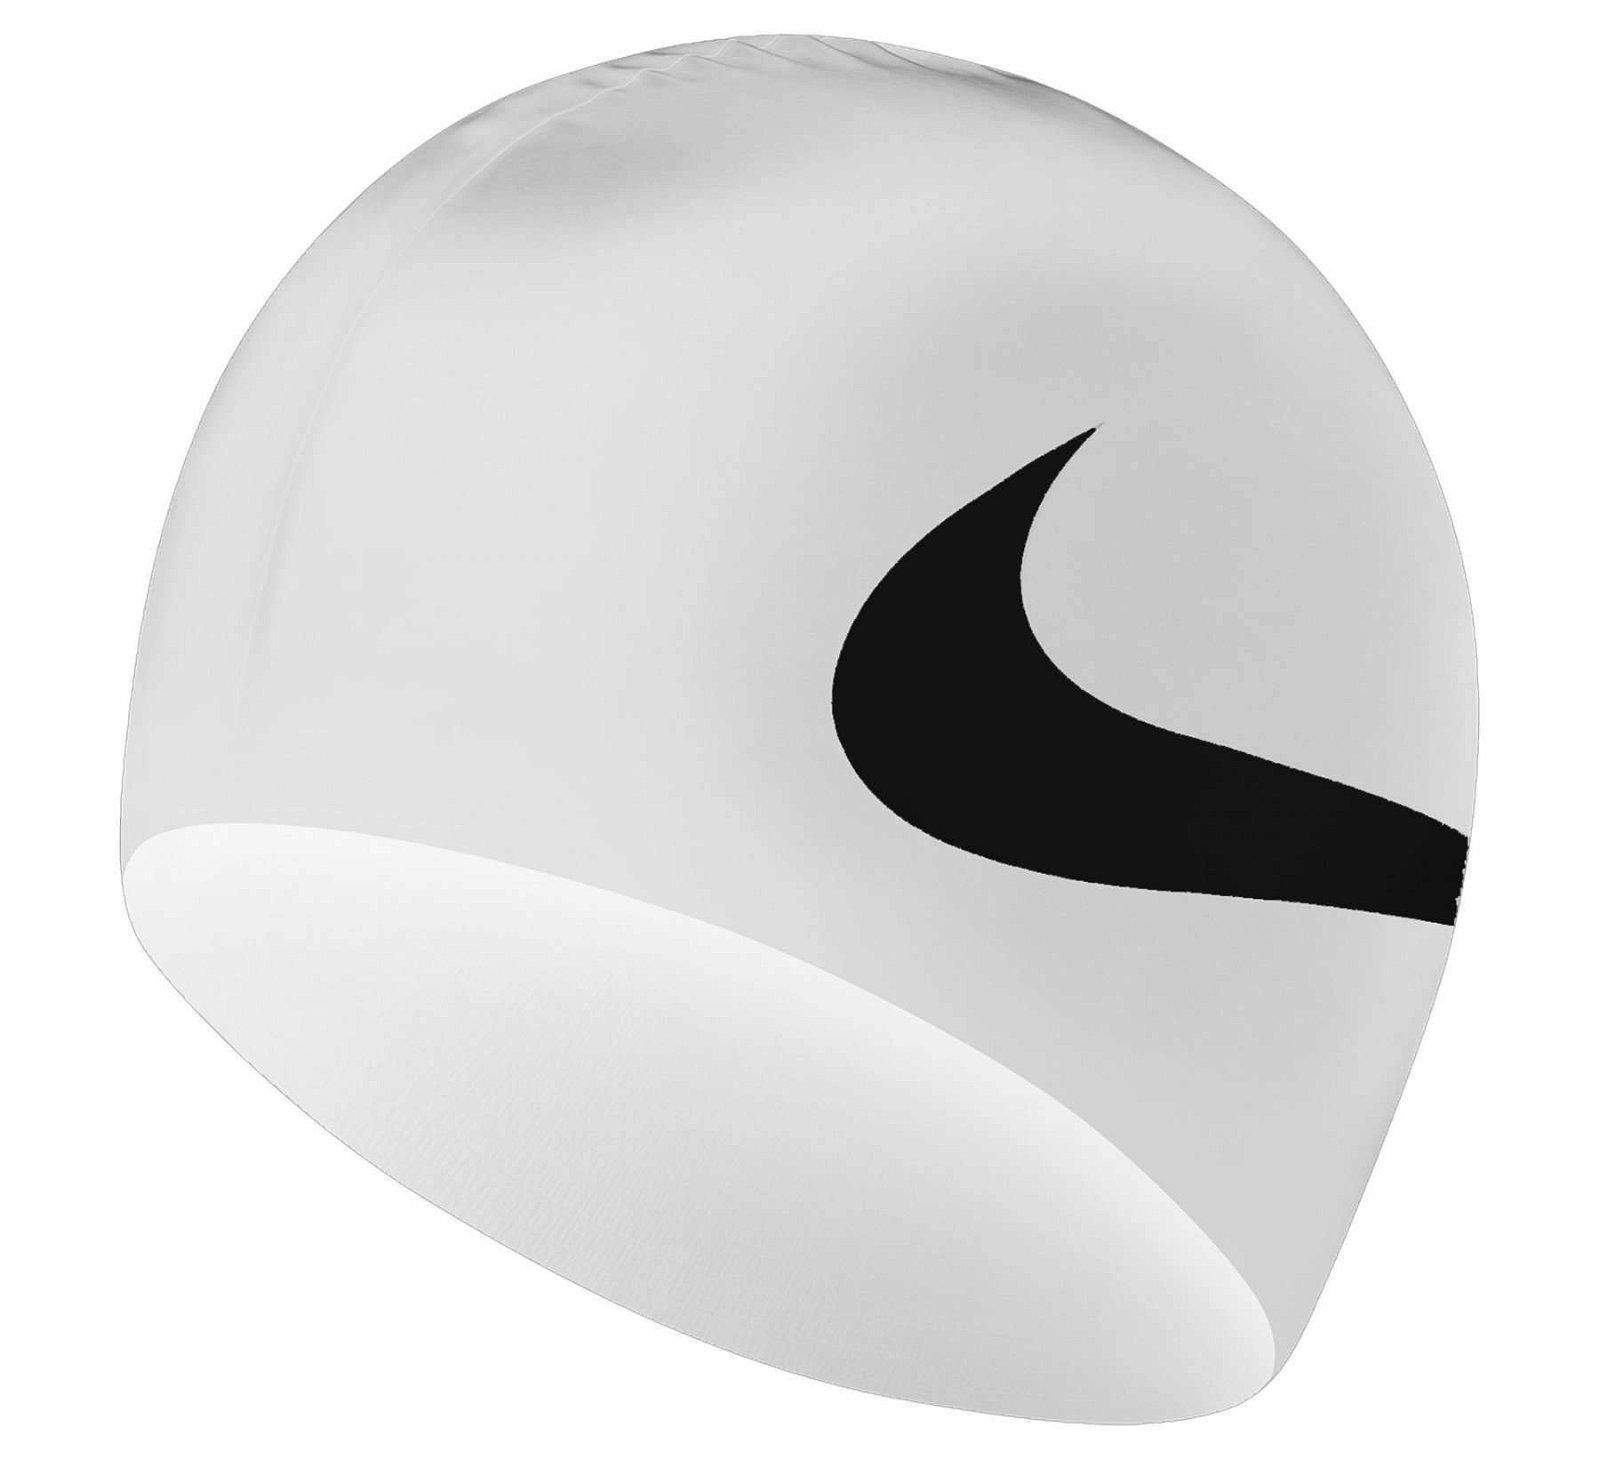 Image of Swim Training Big Swoosh cap